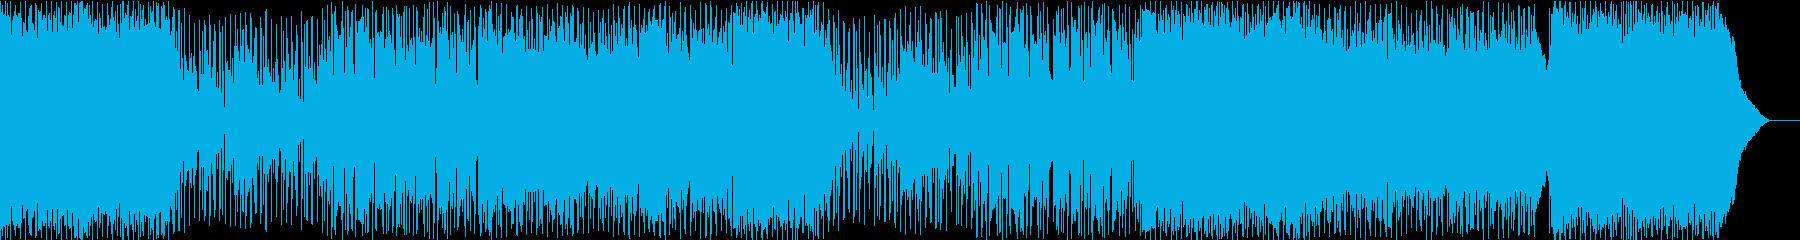 夜な感じのロック、バラードインスト曲の再生済みの波形